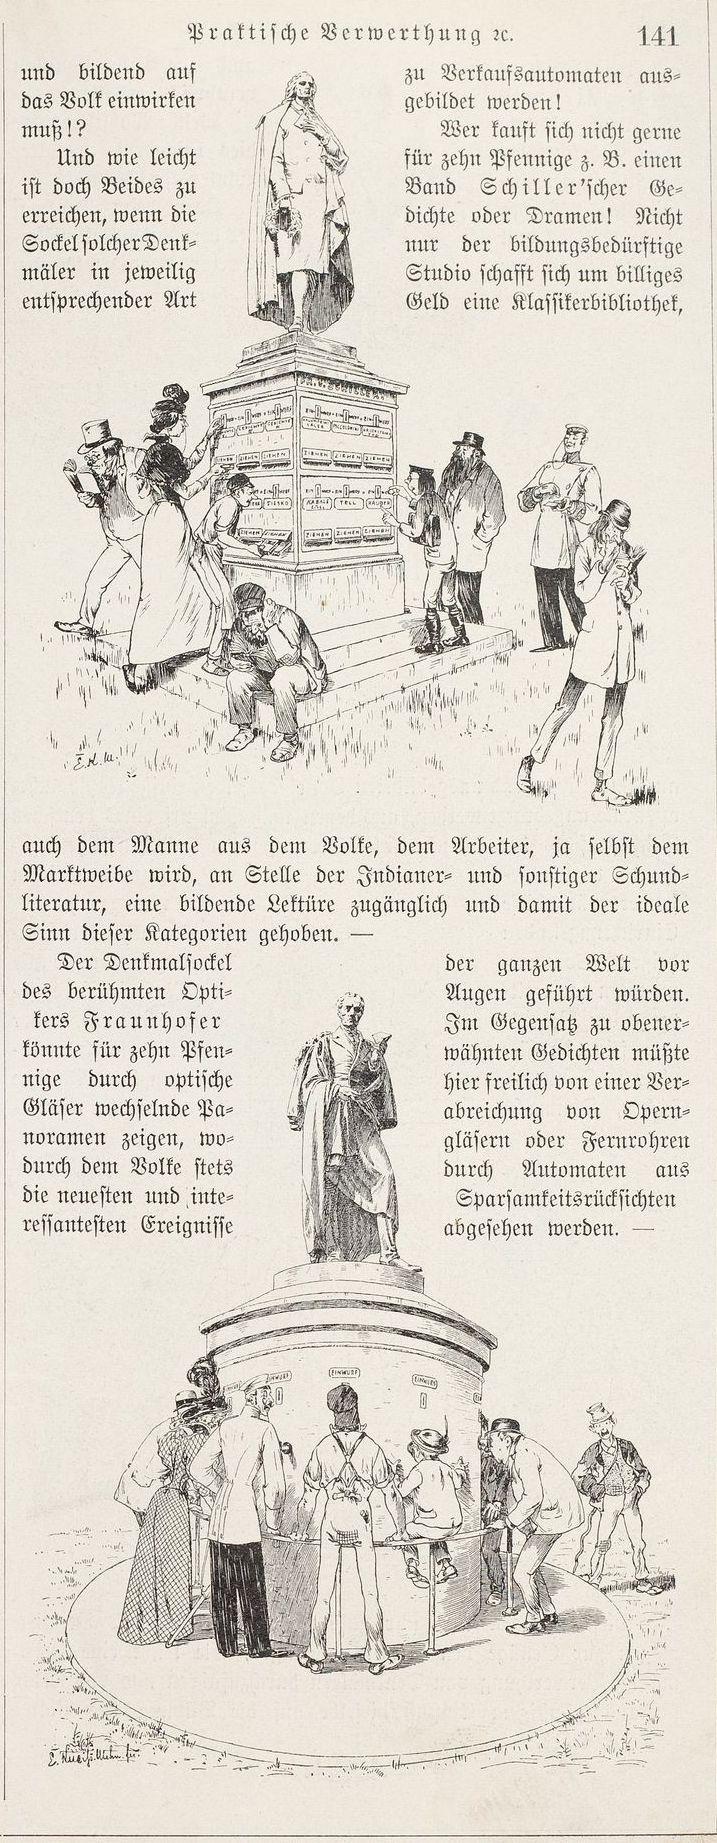 Alternative Verwendung der Denkmäler für Schiller und Fraunhofer